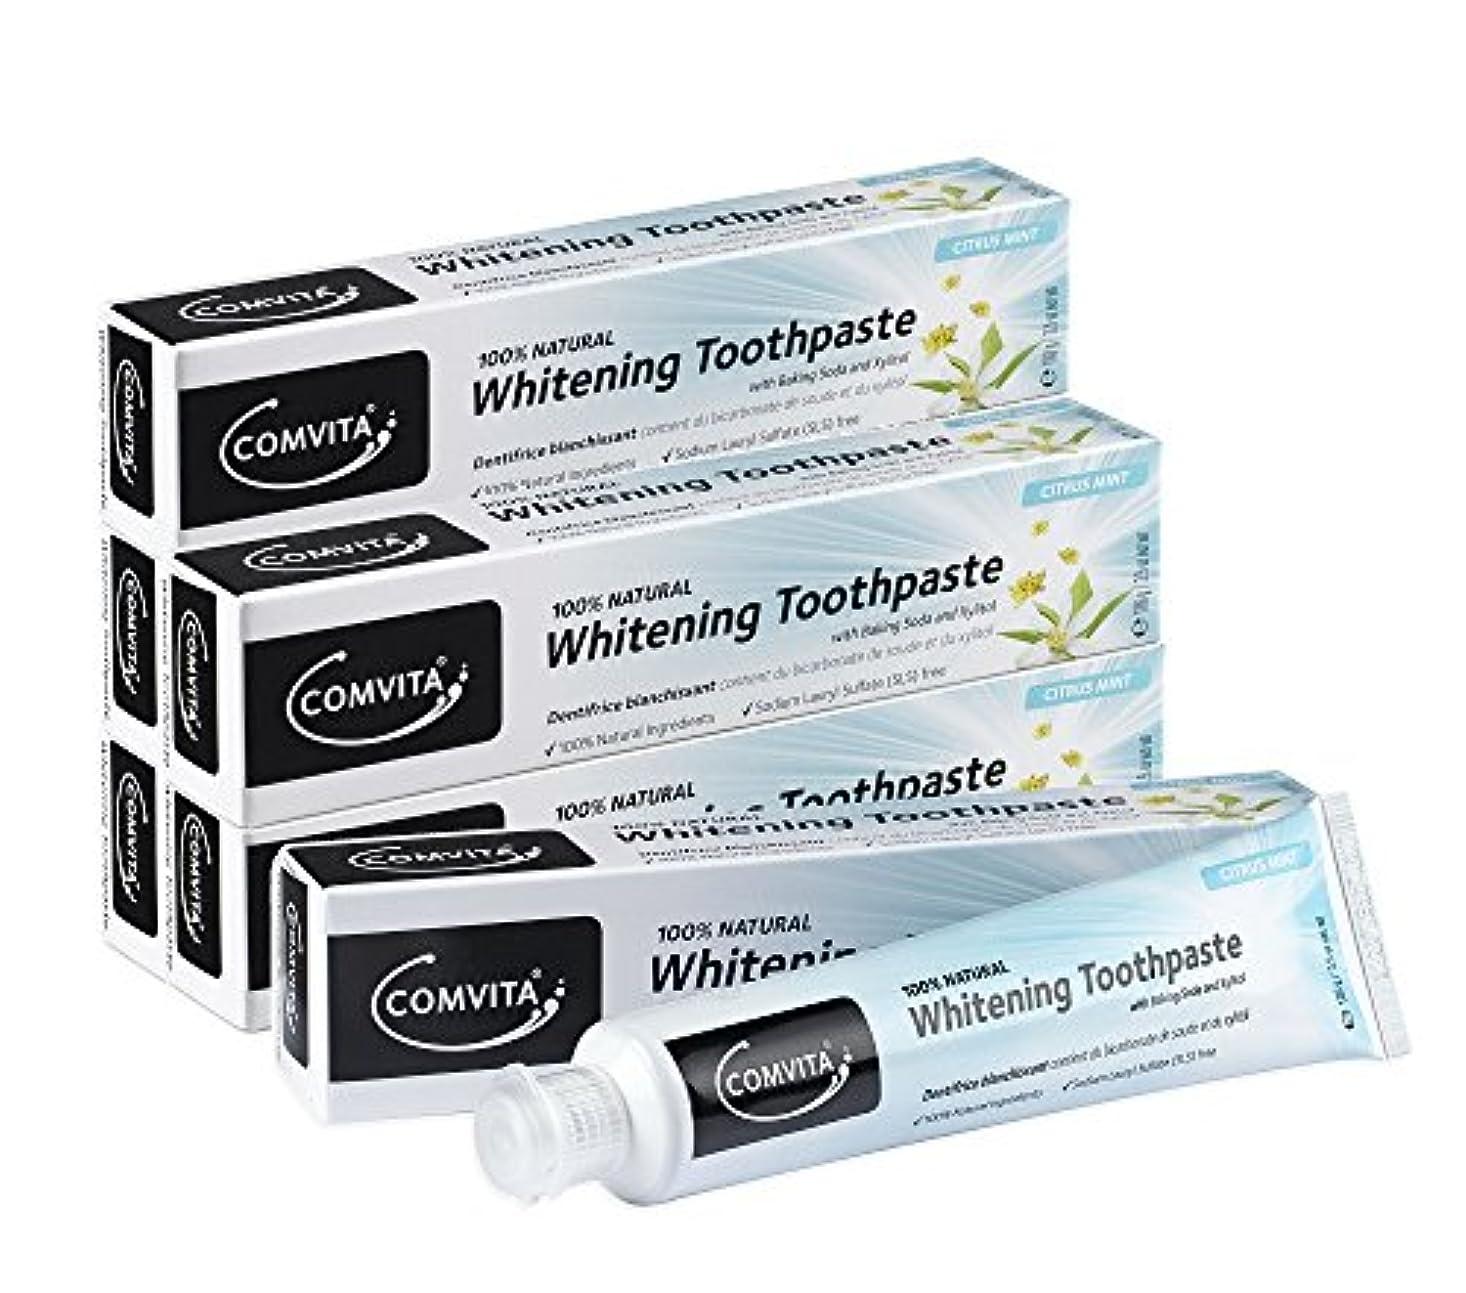 悪因子柔和カウンタホワイトニング歯磨き コンビタ 100g お得な6本セット whitening toothpaste